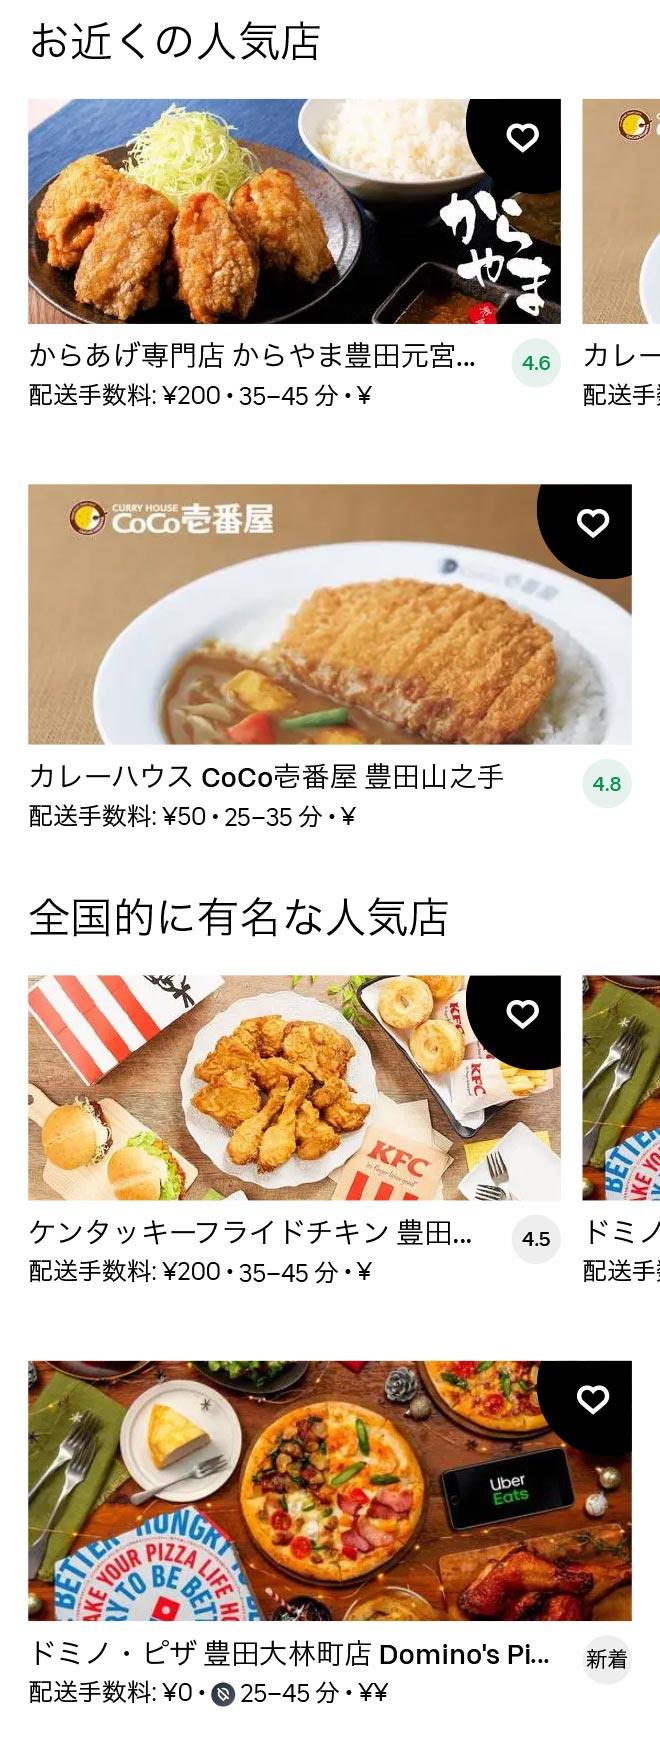 Mikawa toyota menu 2012 02